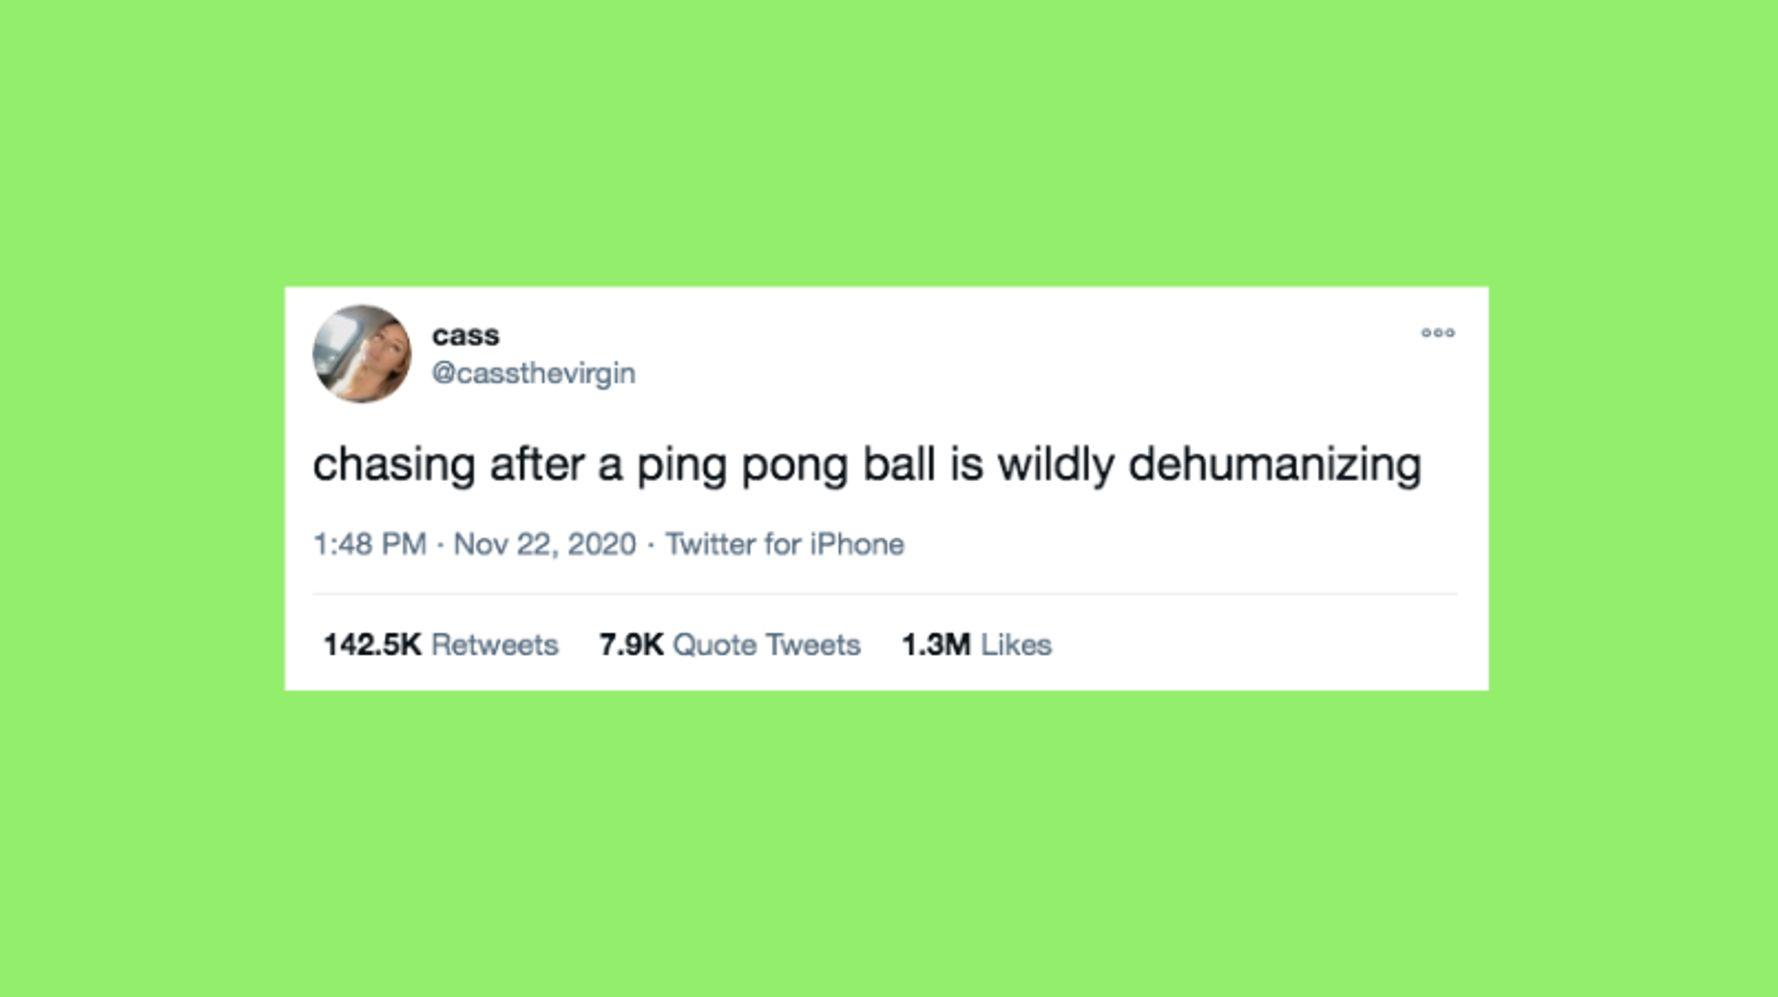 The 20 Funniest Tweets From Women This Week (Nov. 21-27)